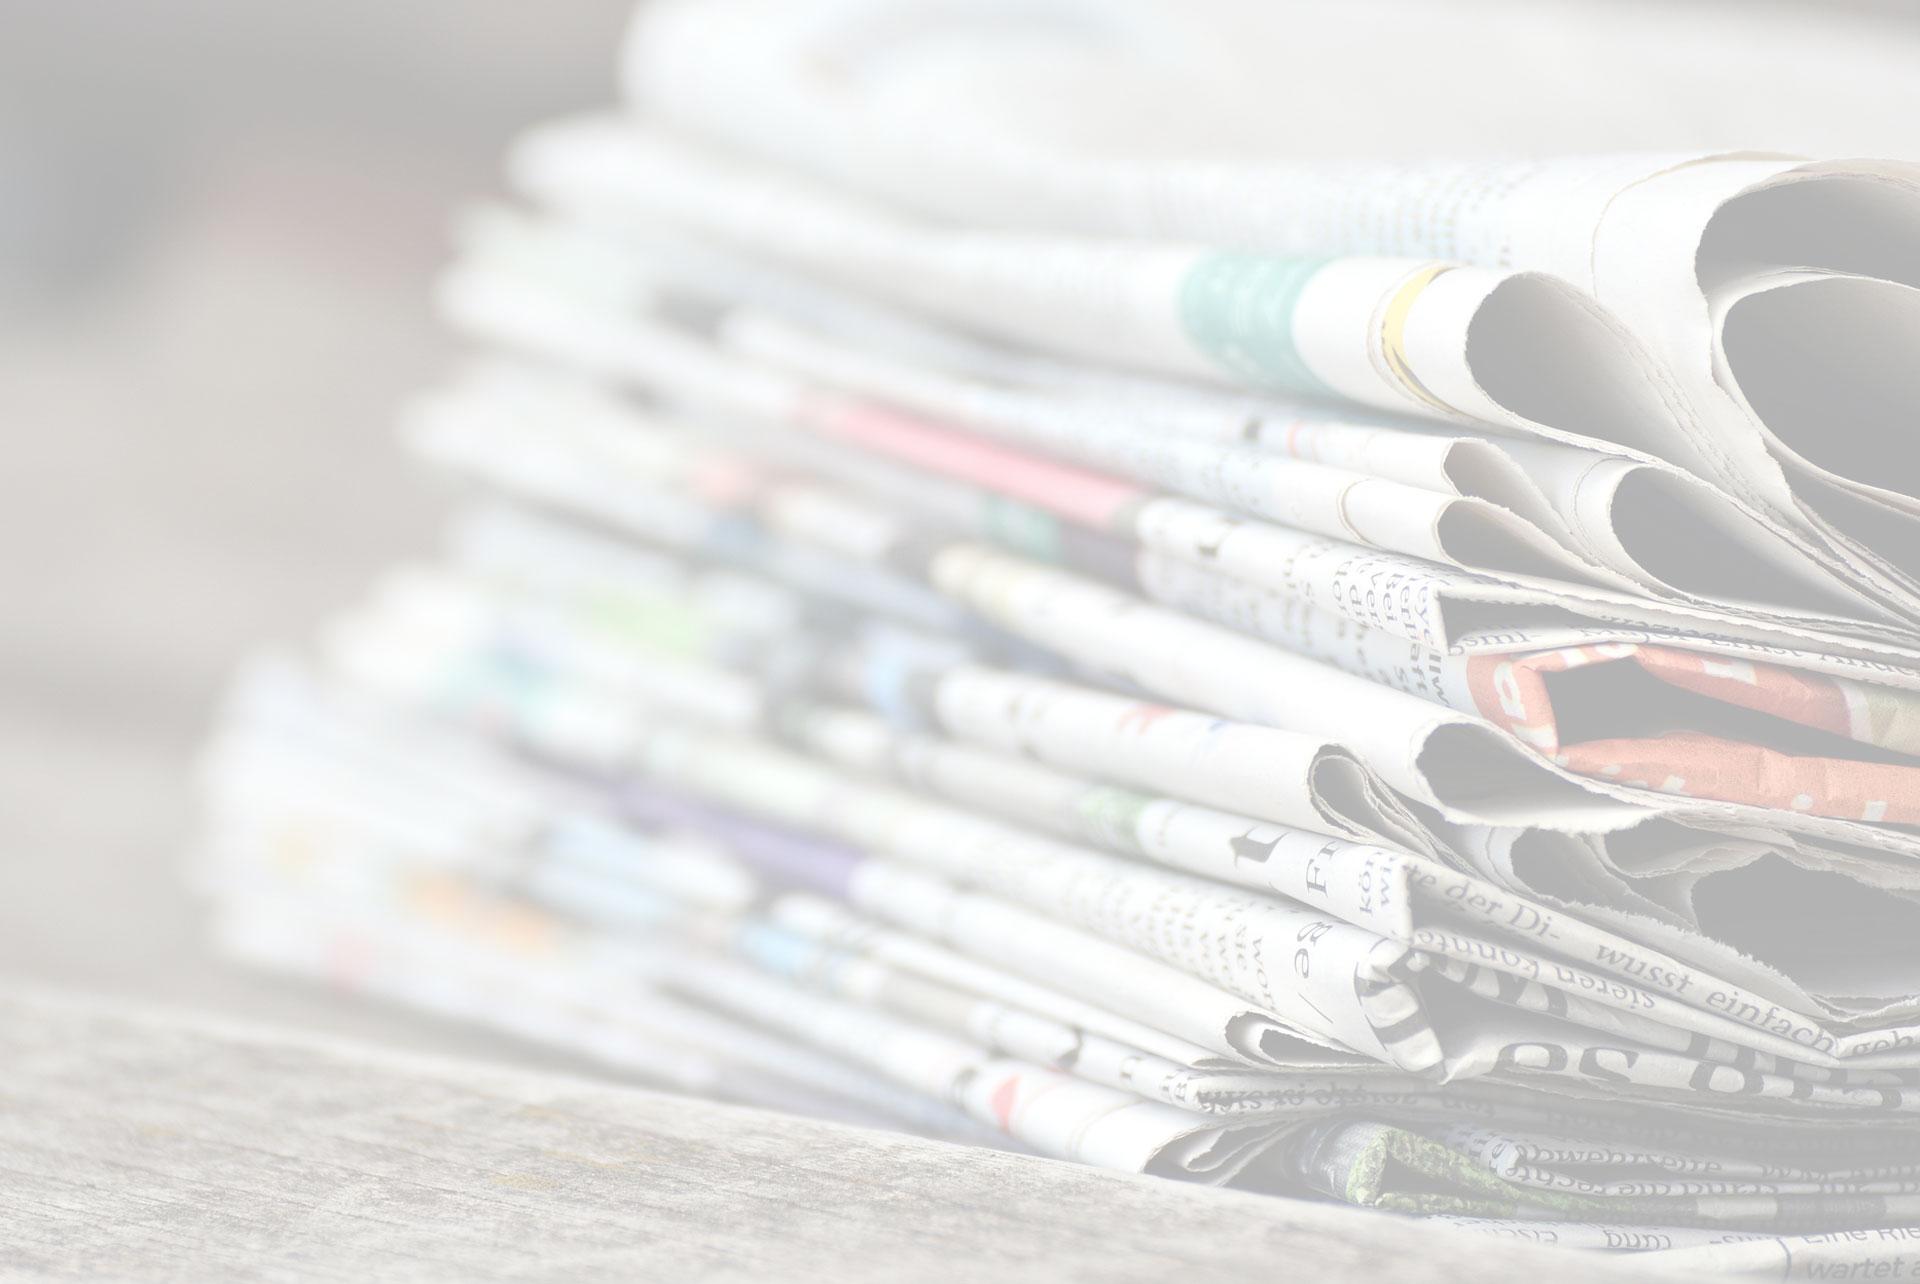 Polizia Francoforte